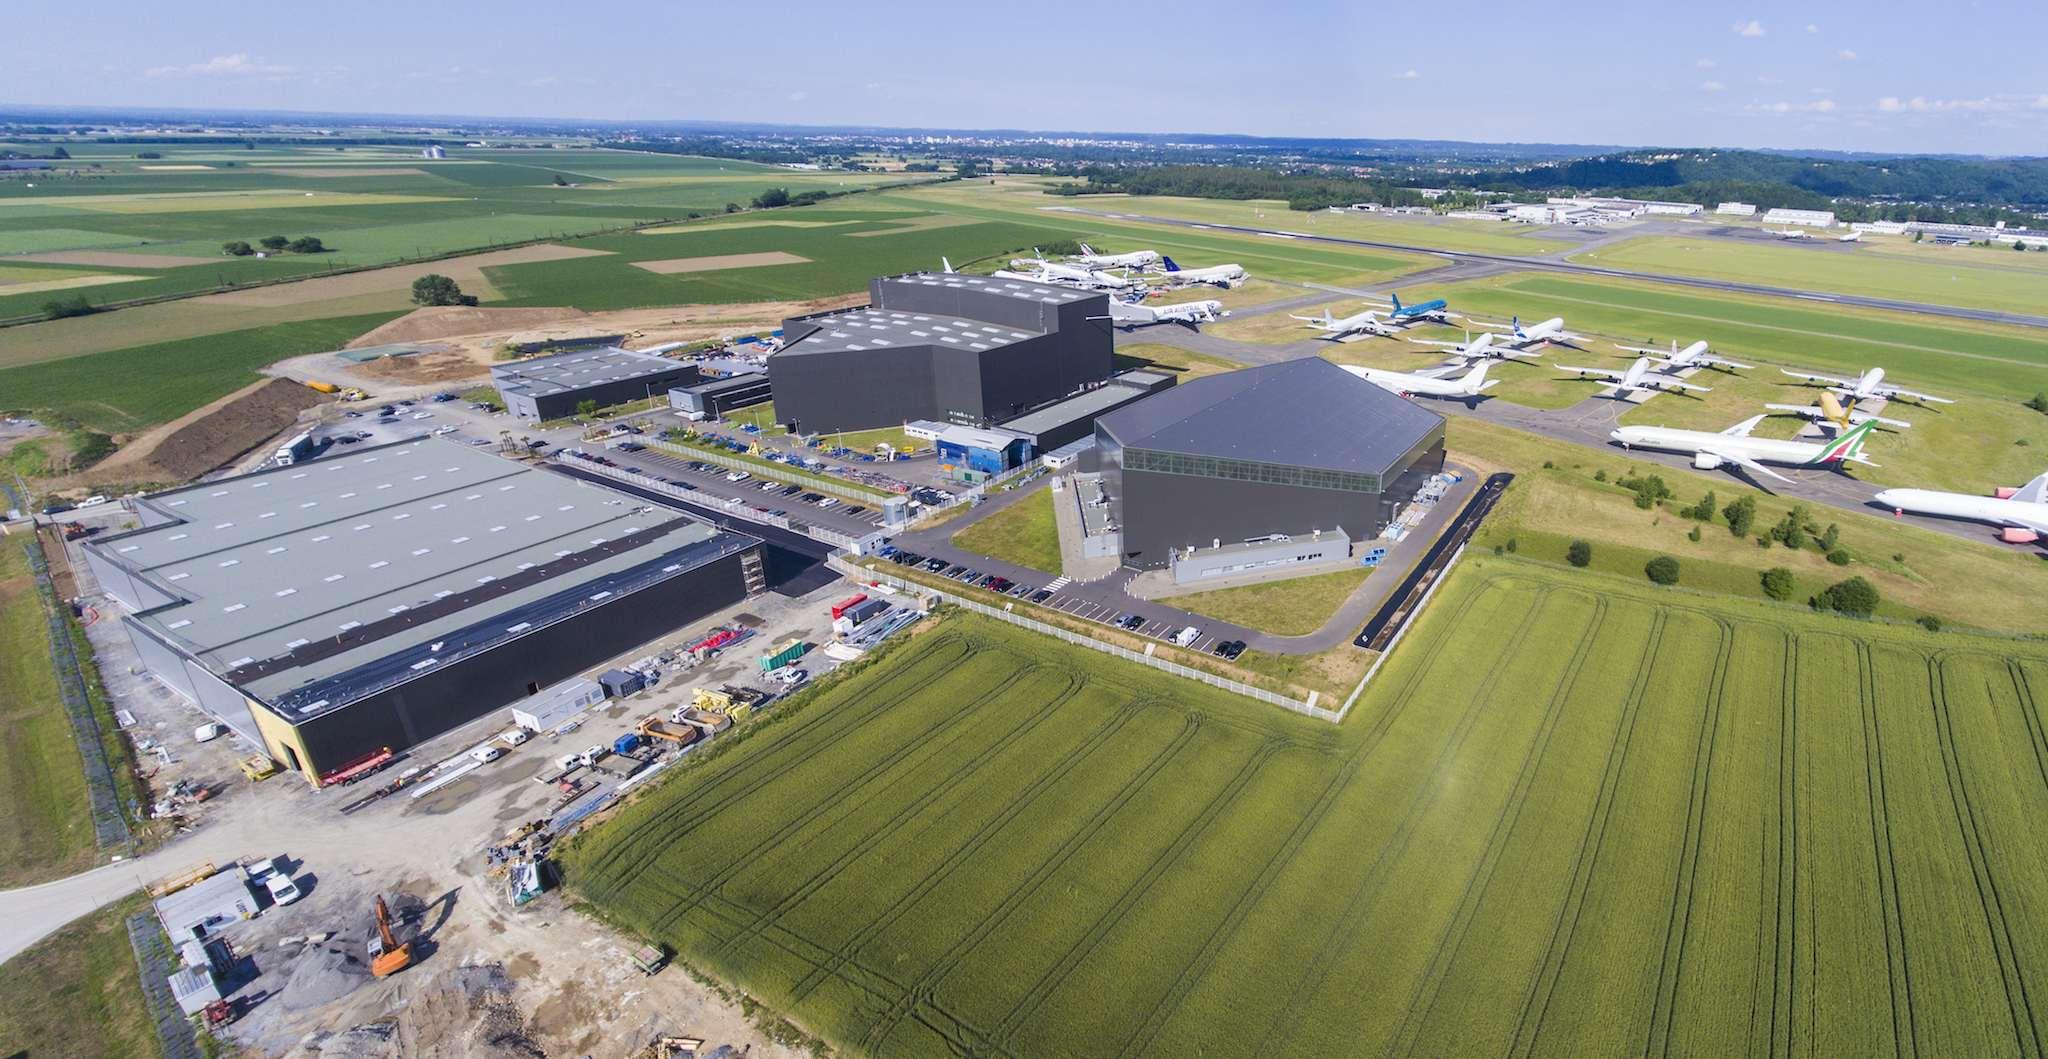 vue aérienne du site Tarmac Aerosave de Tarbes